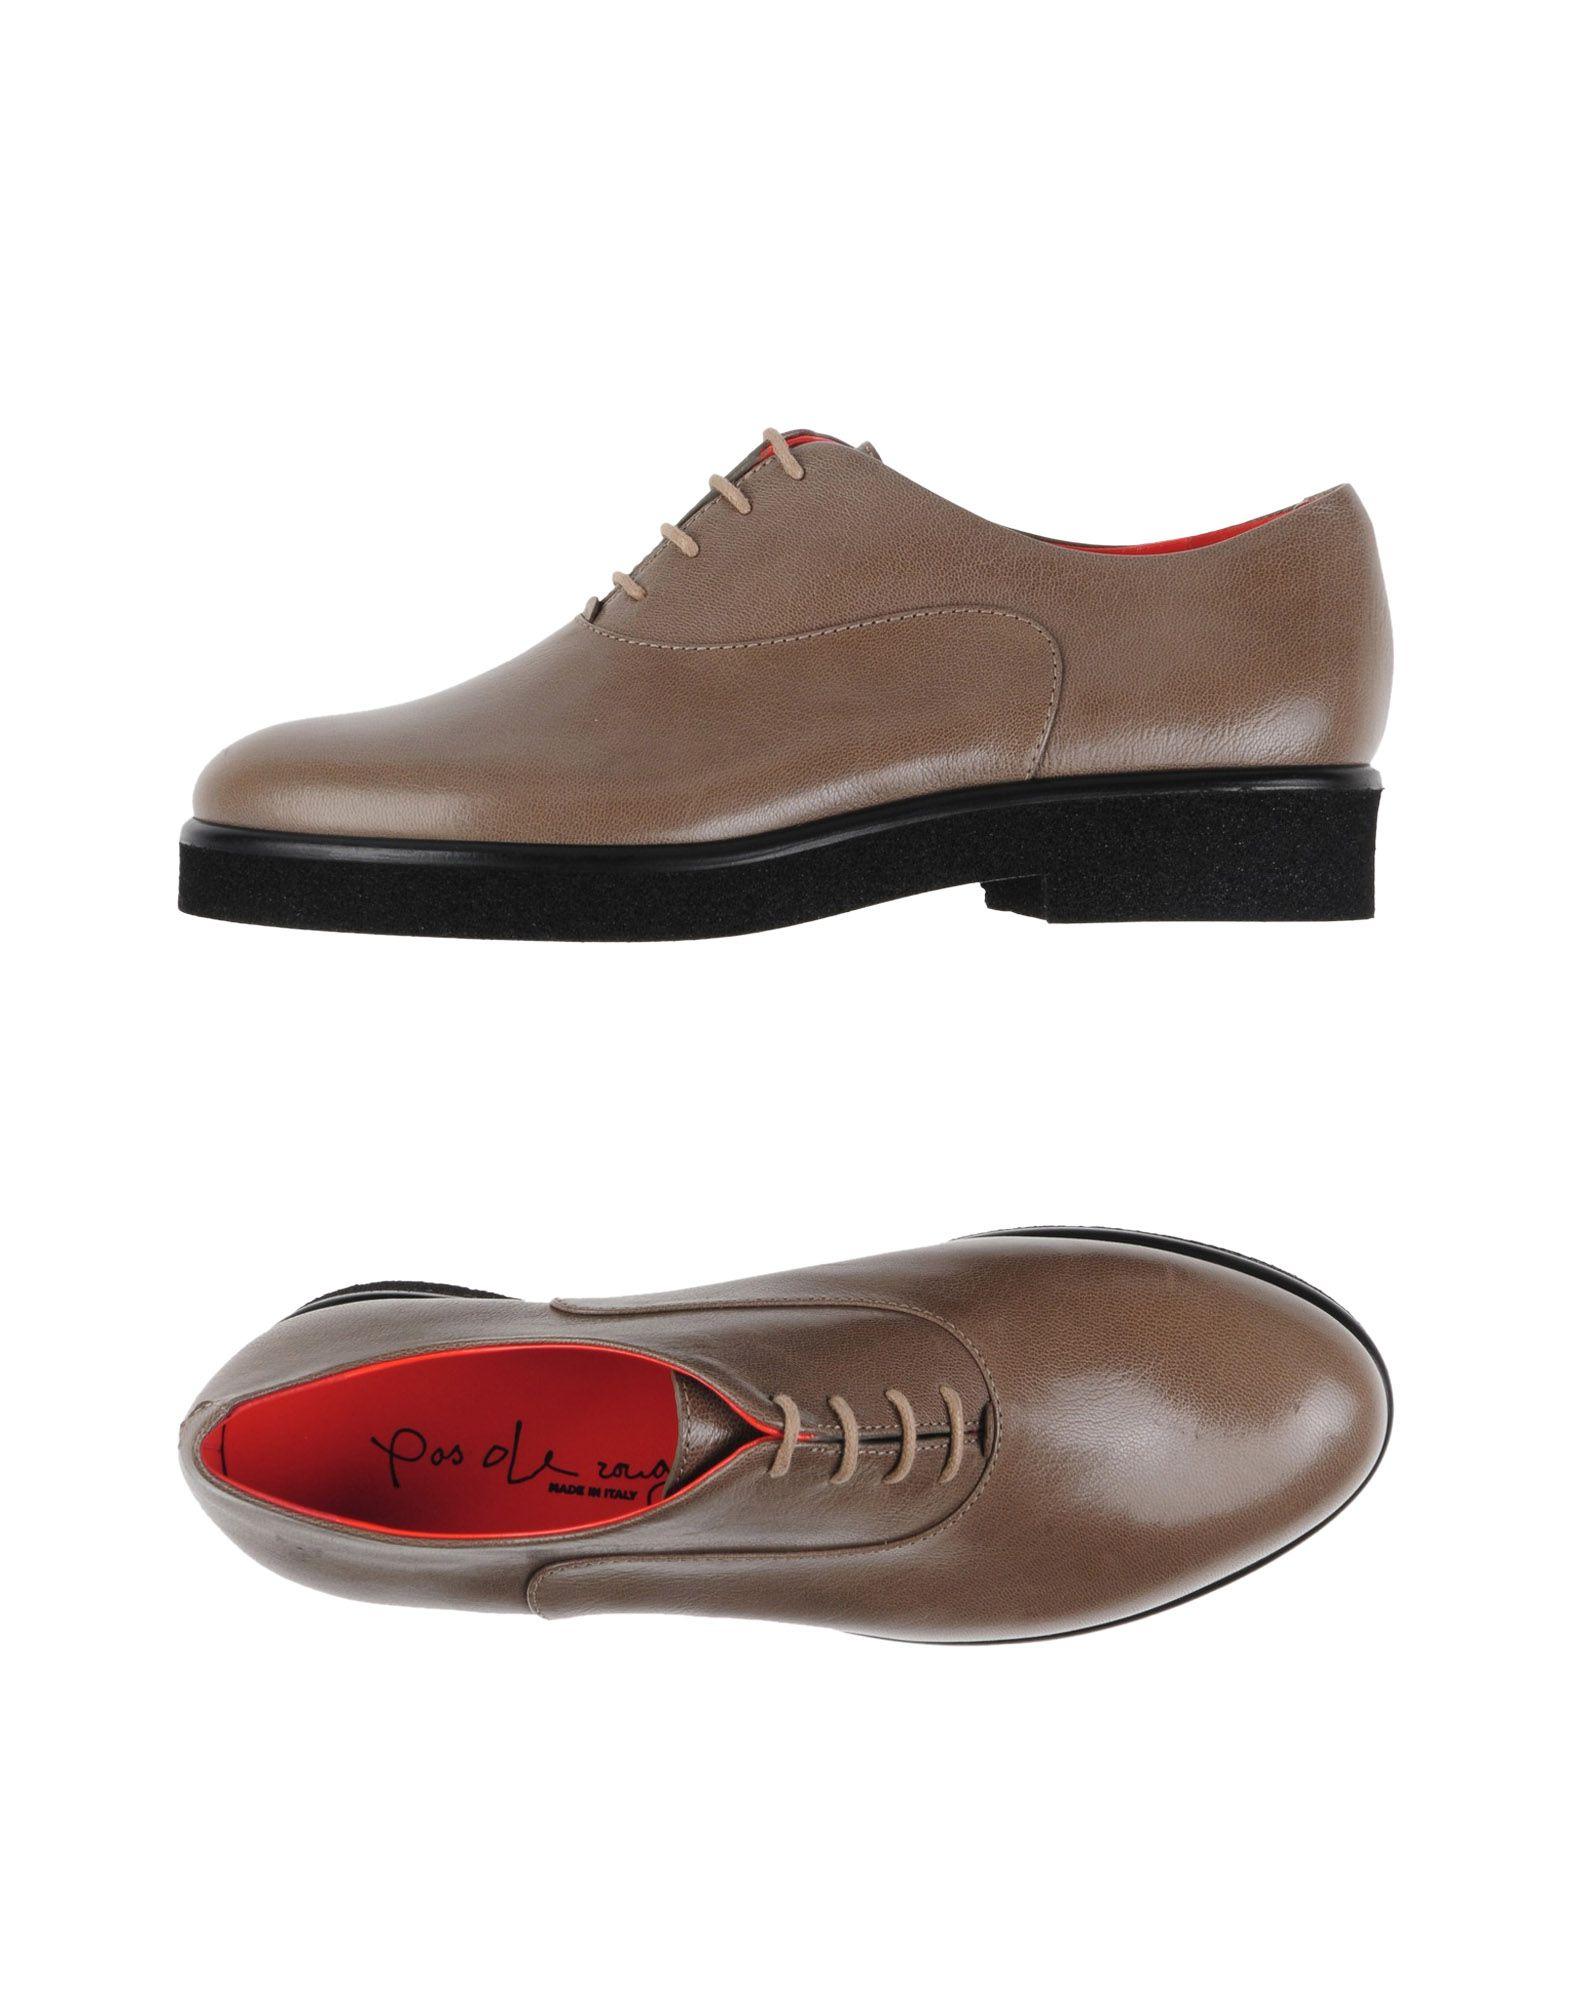 Zapatos casuales salvajes Zapato De Cordones Pas De Rouge Mujer De - Zapatos De Cordones Pas De Mujer Rouge  Caqui 18af0f